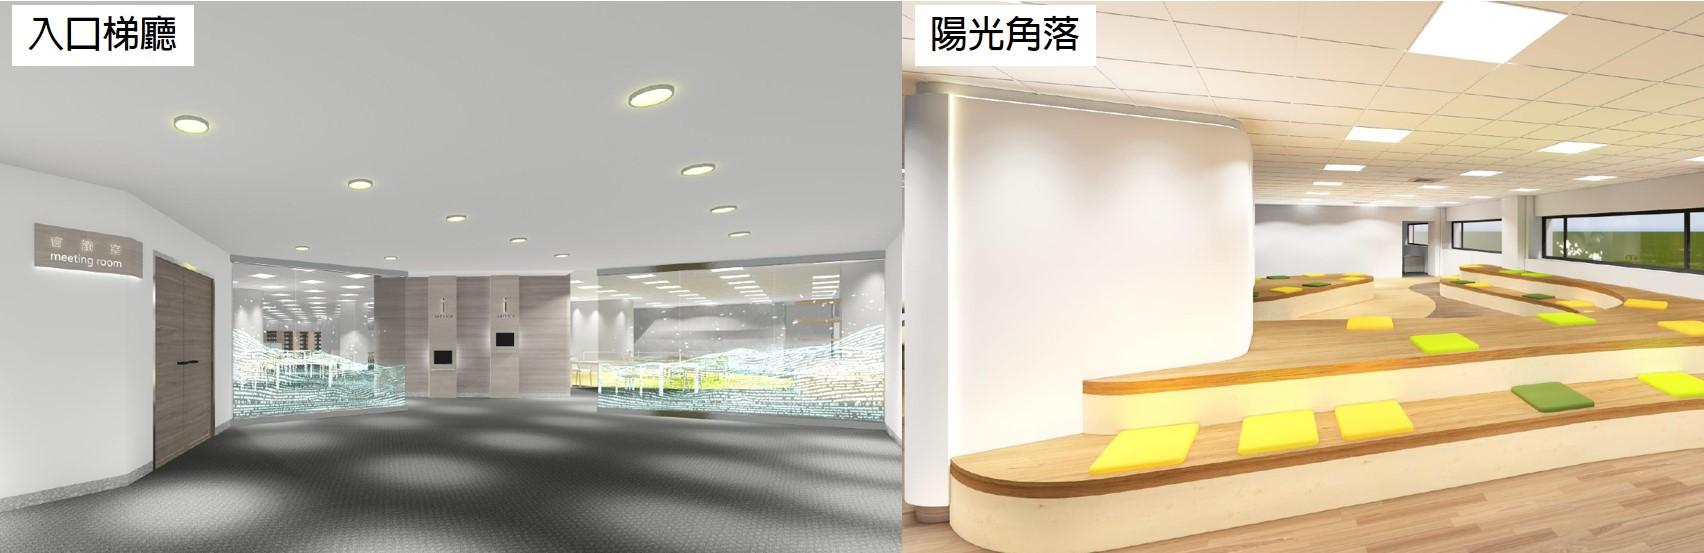 二期空改-3D示意圖-入口梯廳與陽光角落